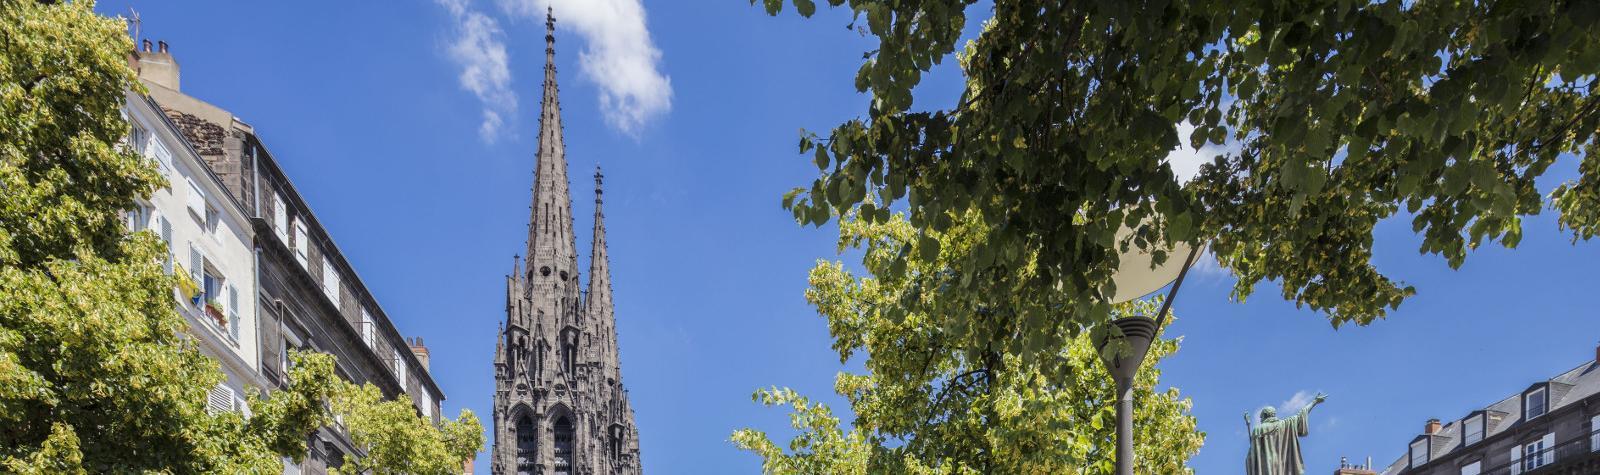 lace_victoire_cathedrale_urbainII_©HEMIS_droits15dec2020